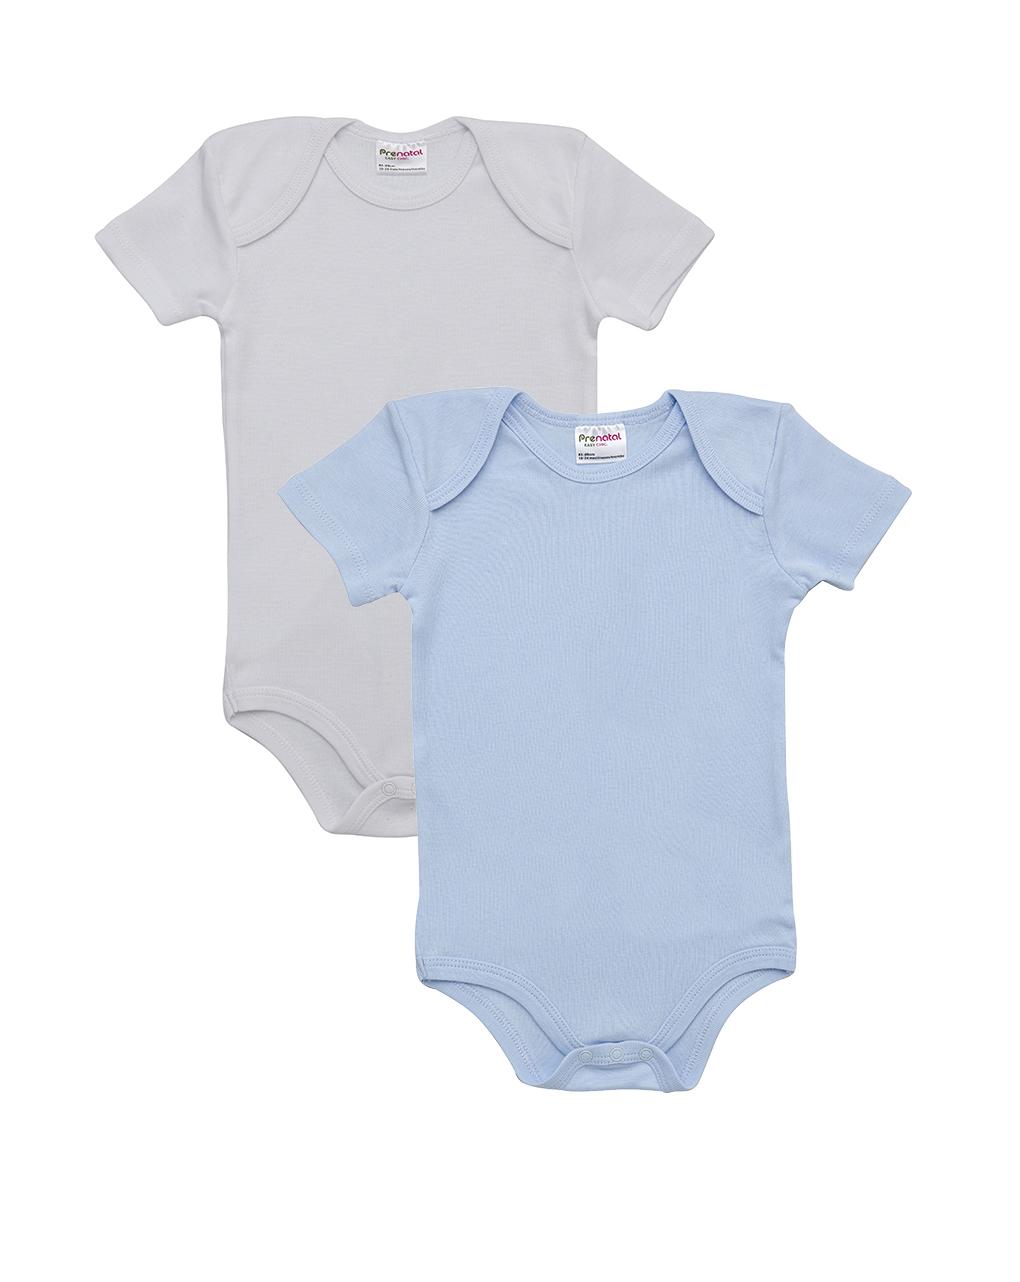 Pacote de 2 bodysuits azul claro e branco - Prénatal